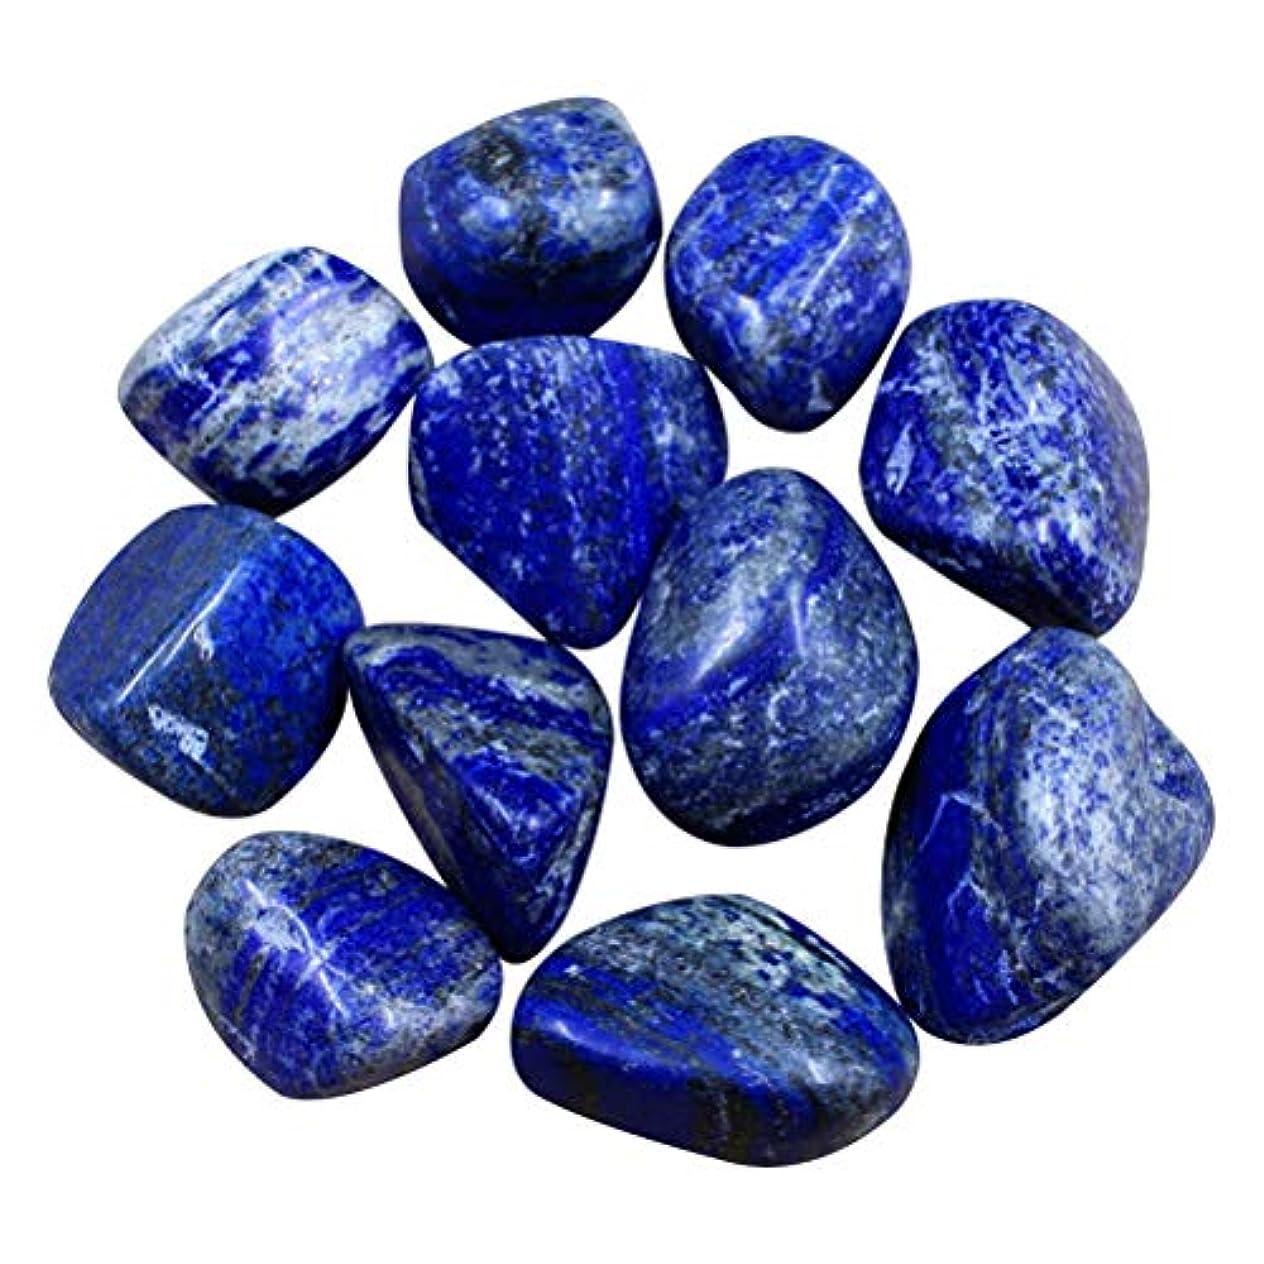 フレームワーク雇用マークされたSUPVOX 10個の天然石石落ち石の癒しReikiクリスタルジュエリー自然の岩ホームデコレーション花瓶植物を作る